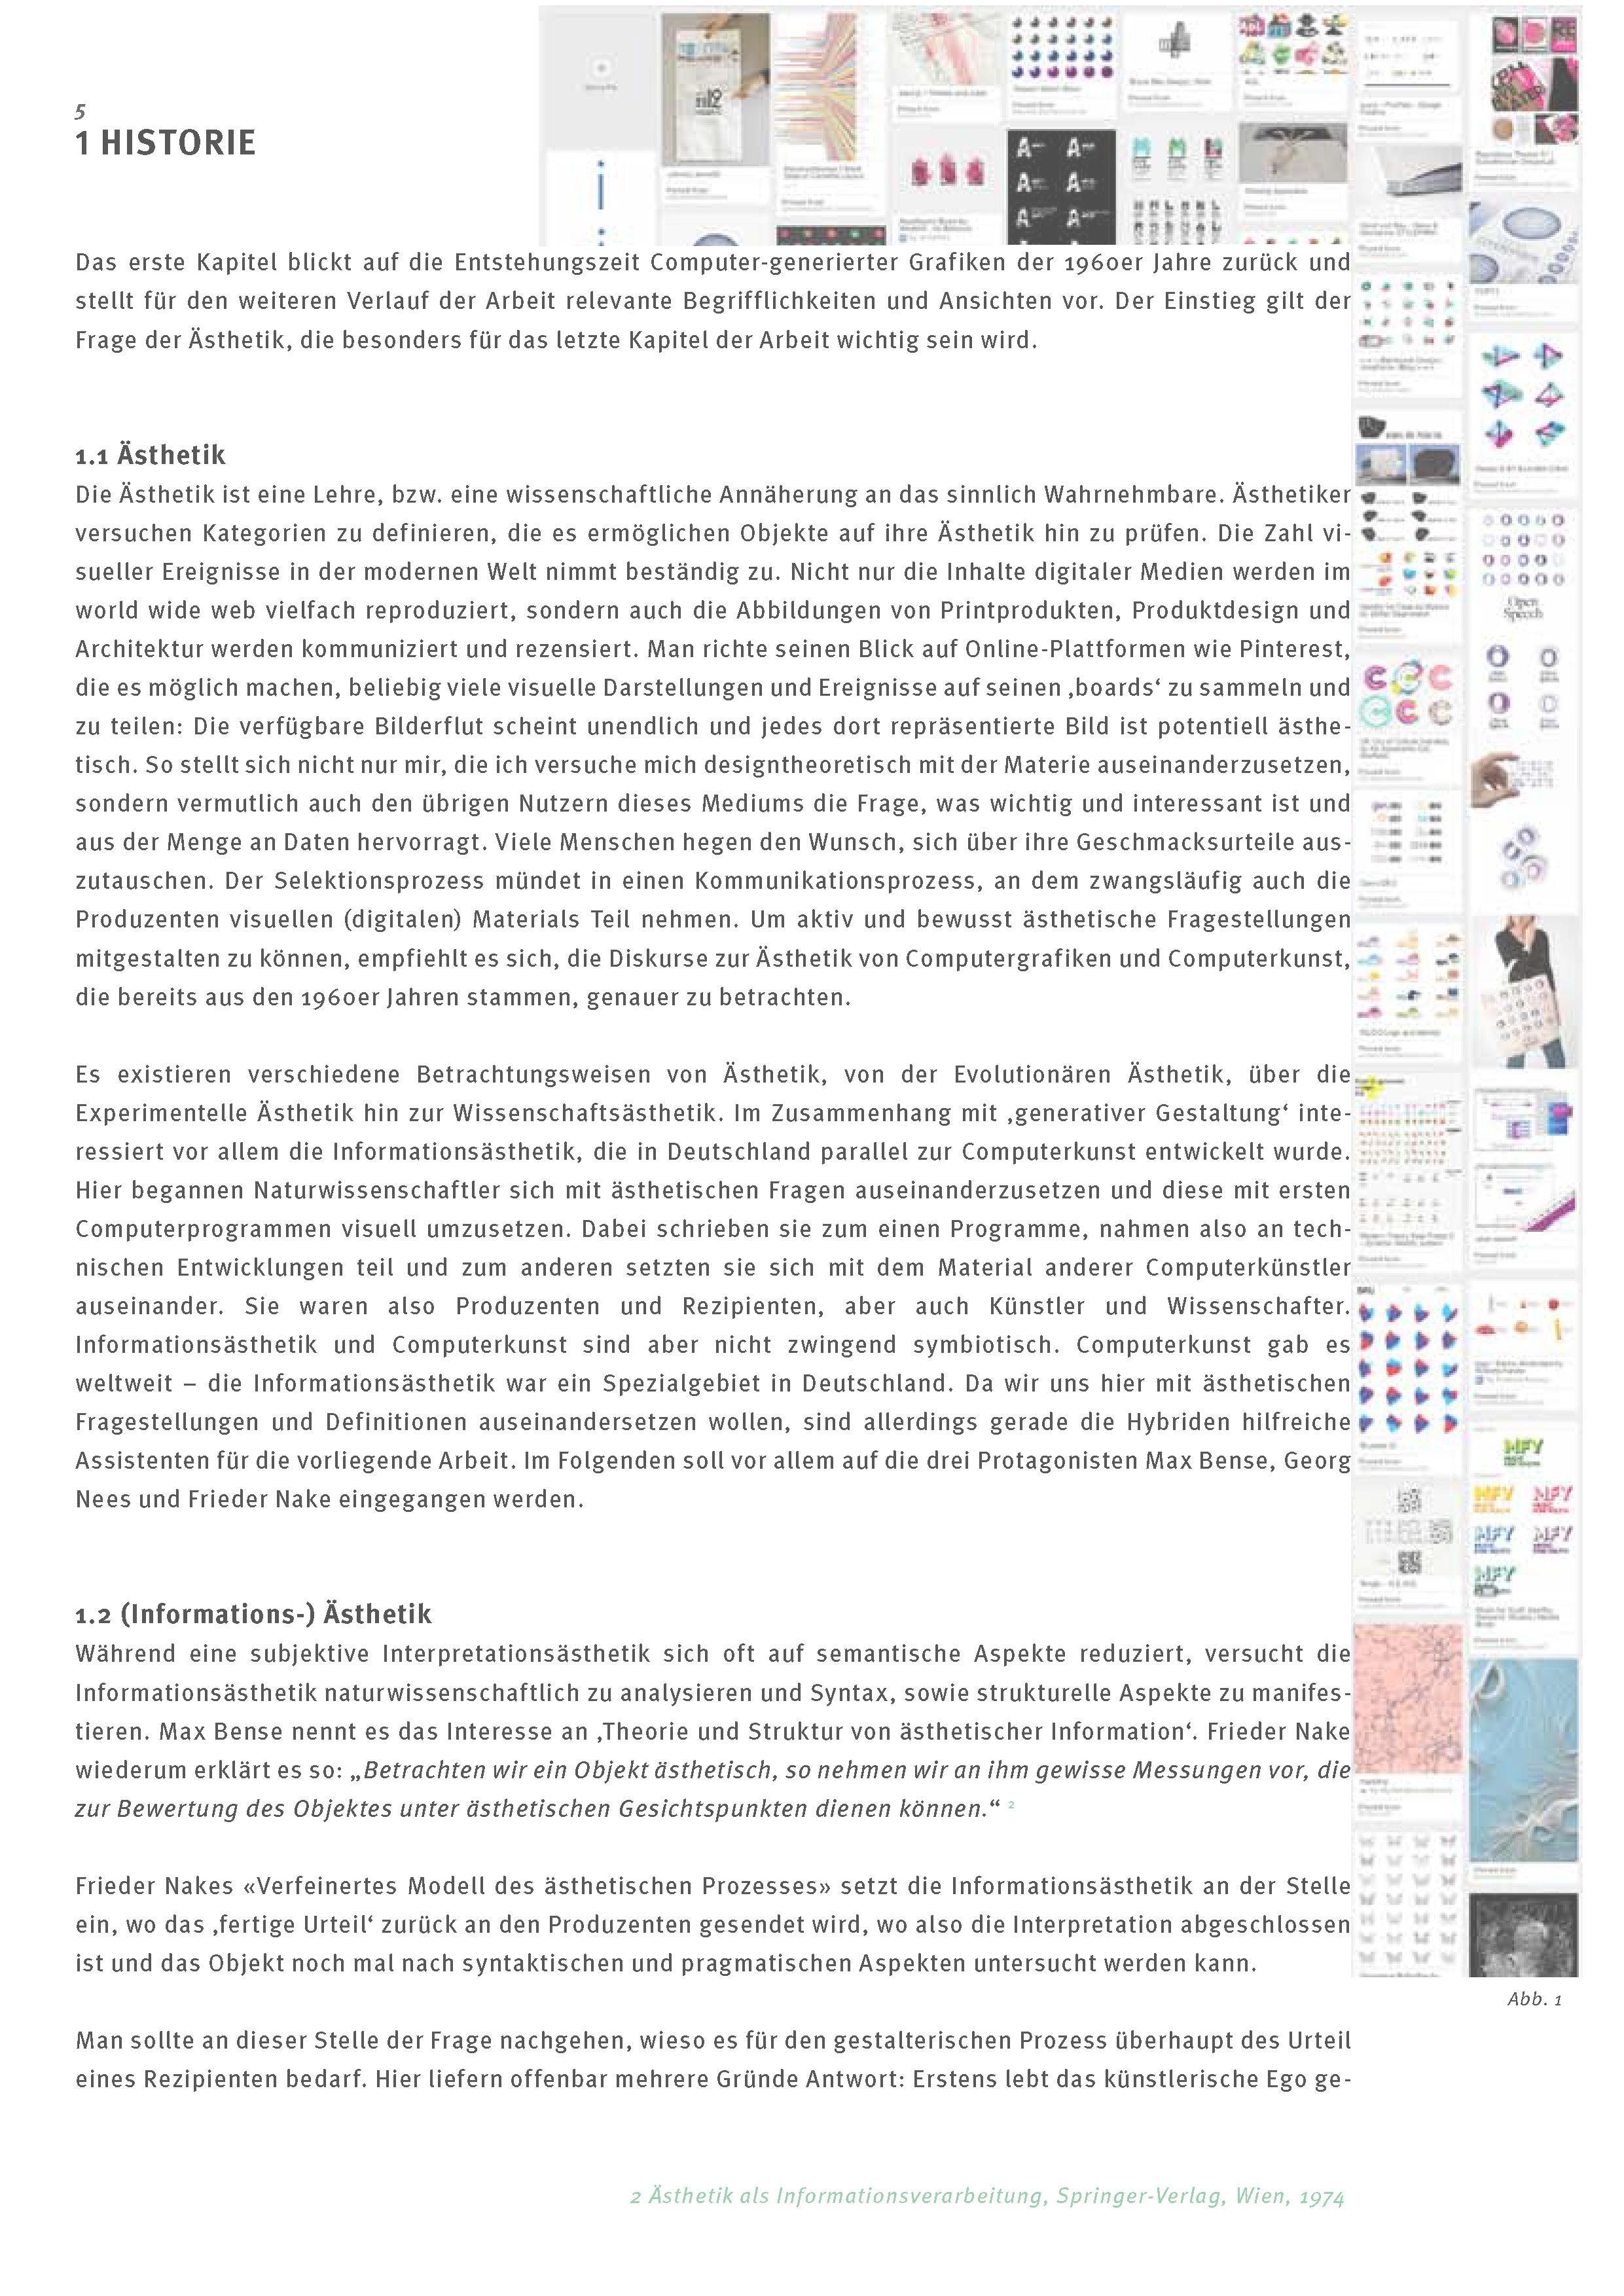 Generative Gestaltung-eine Entwurfsmethode_Einzelseiten_Seite_05.jpg